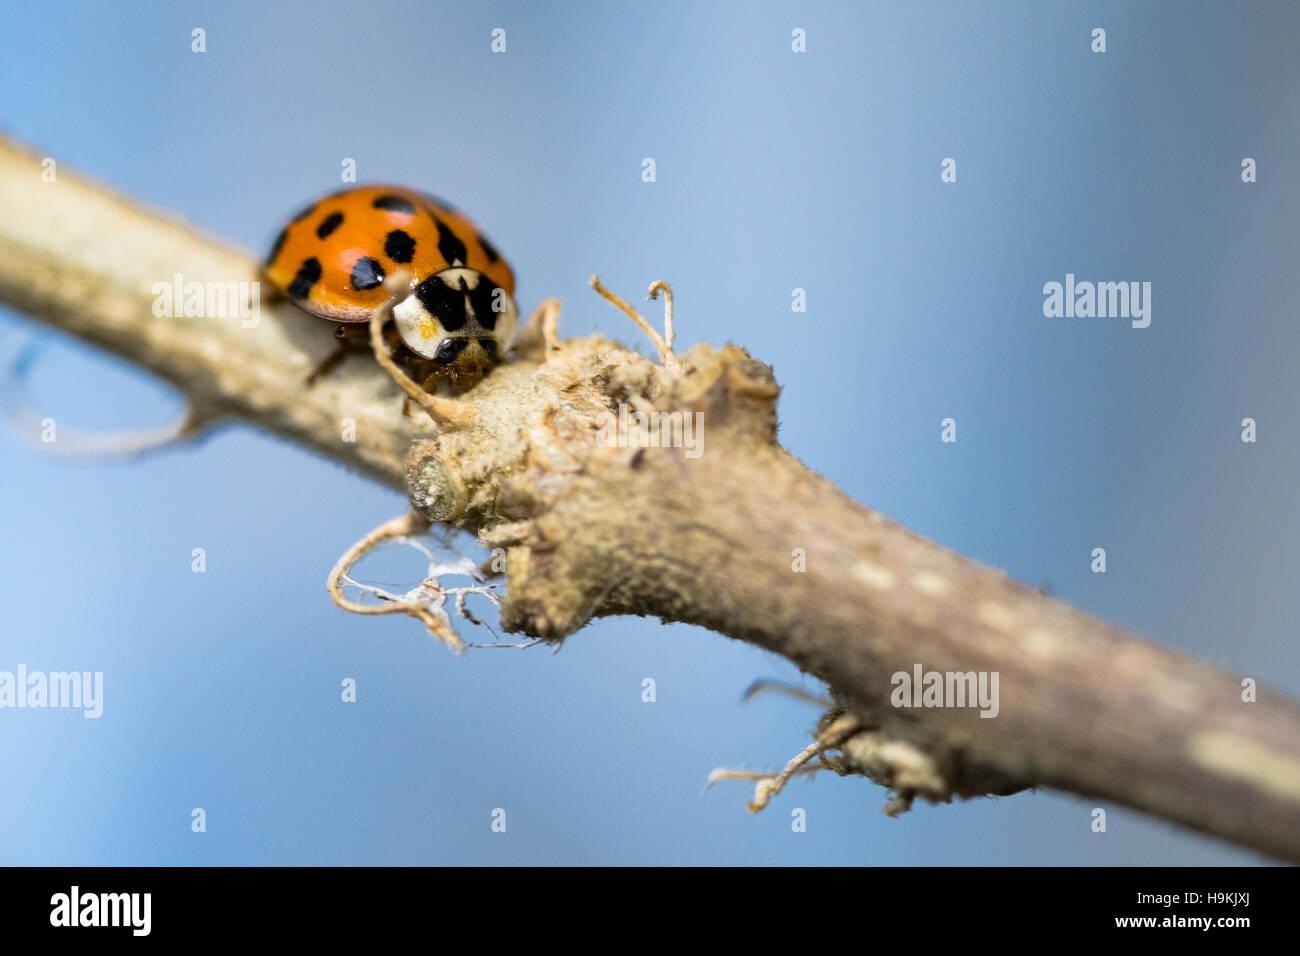 asian lady beetle - macro - Stock Image